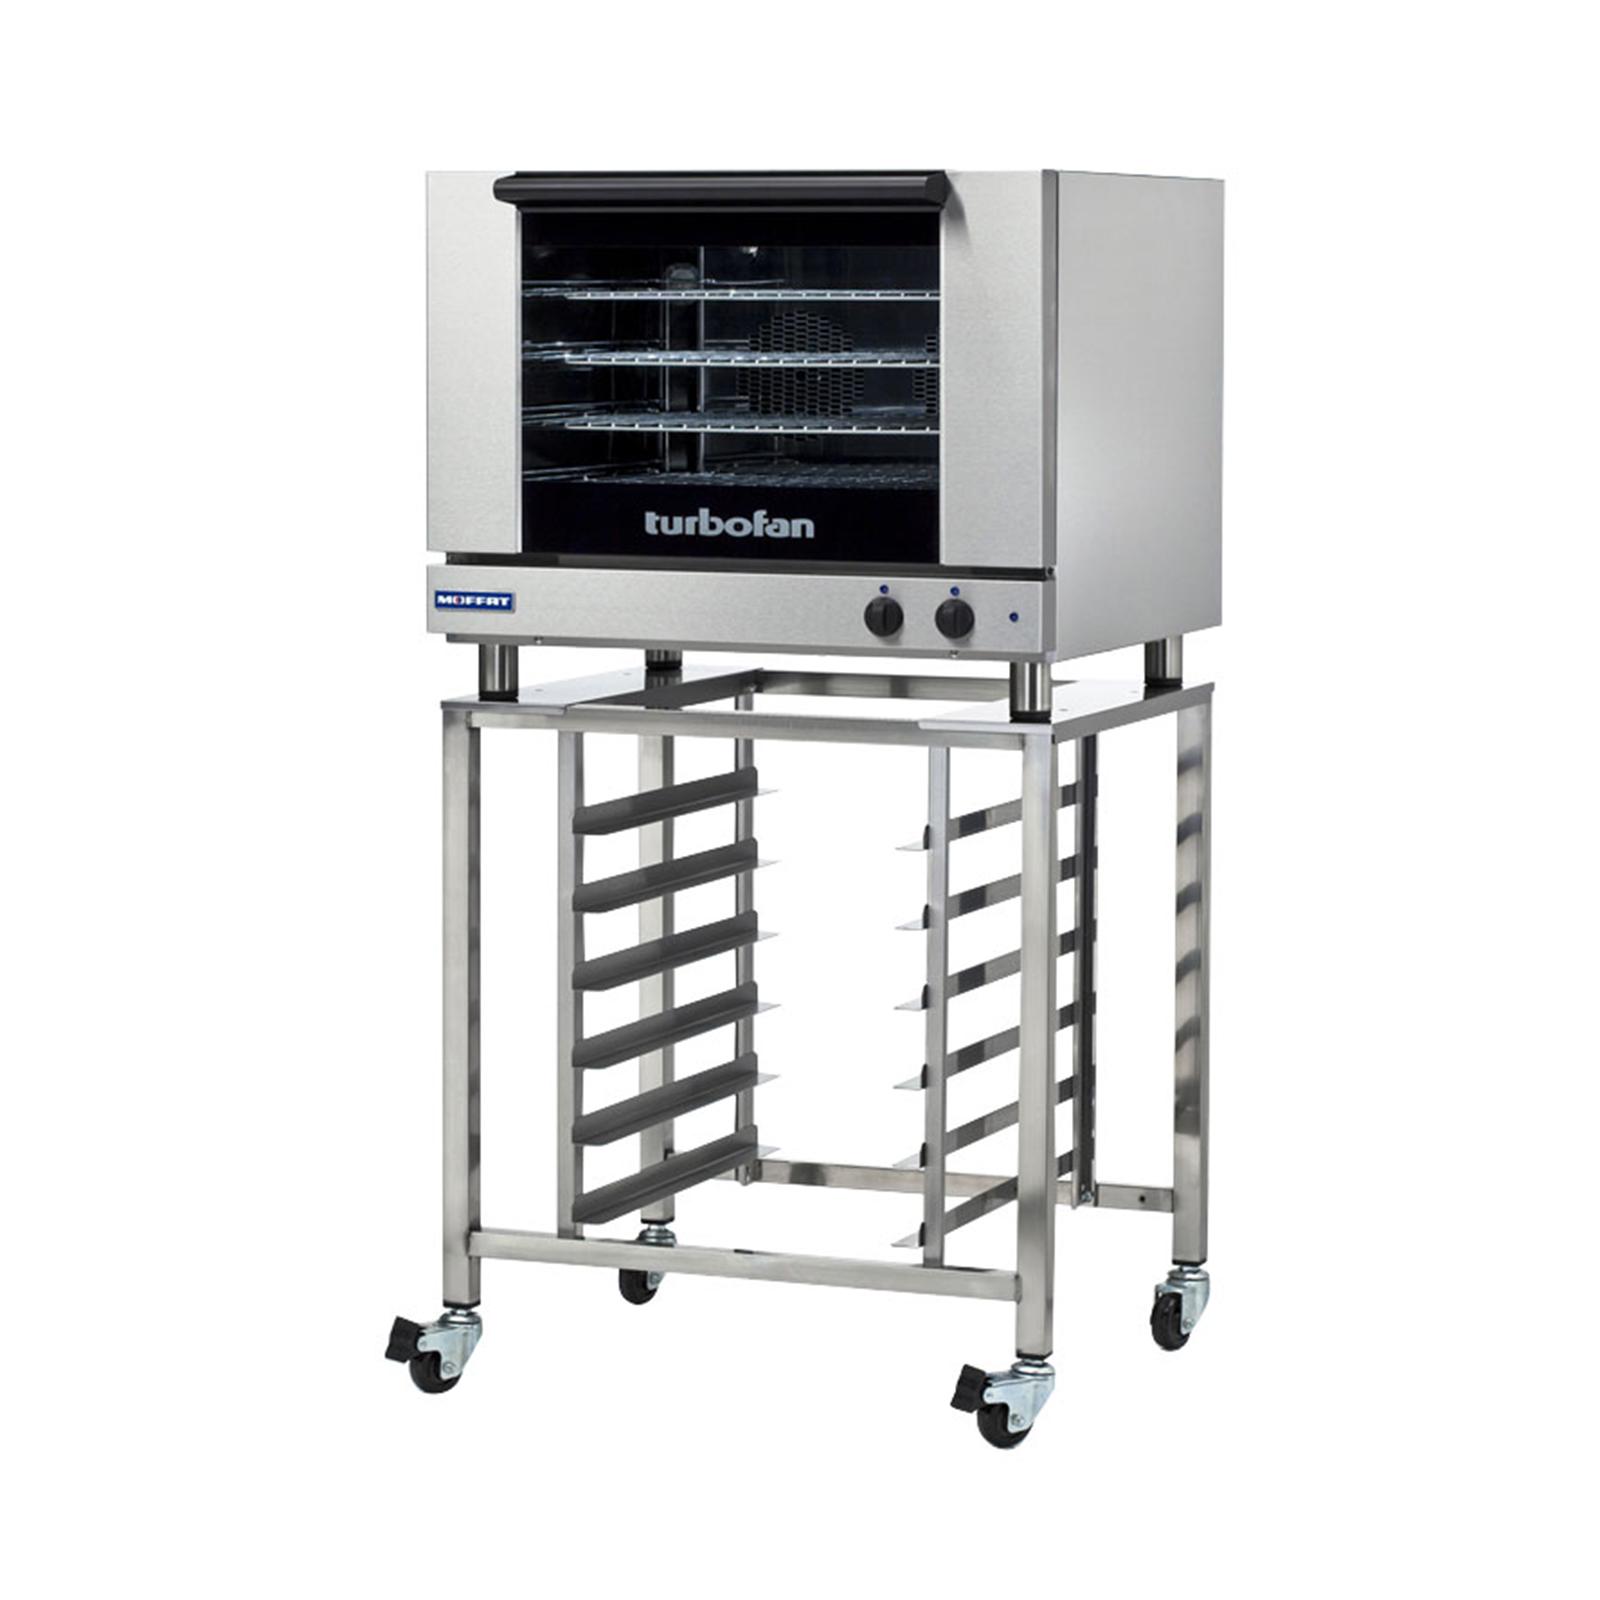 Moffat E28M4/SK2731U convection oven, electric